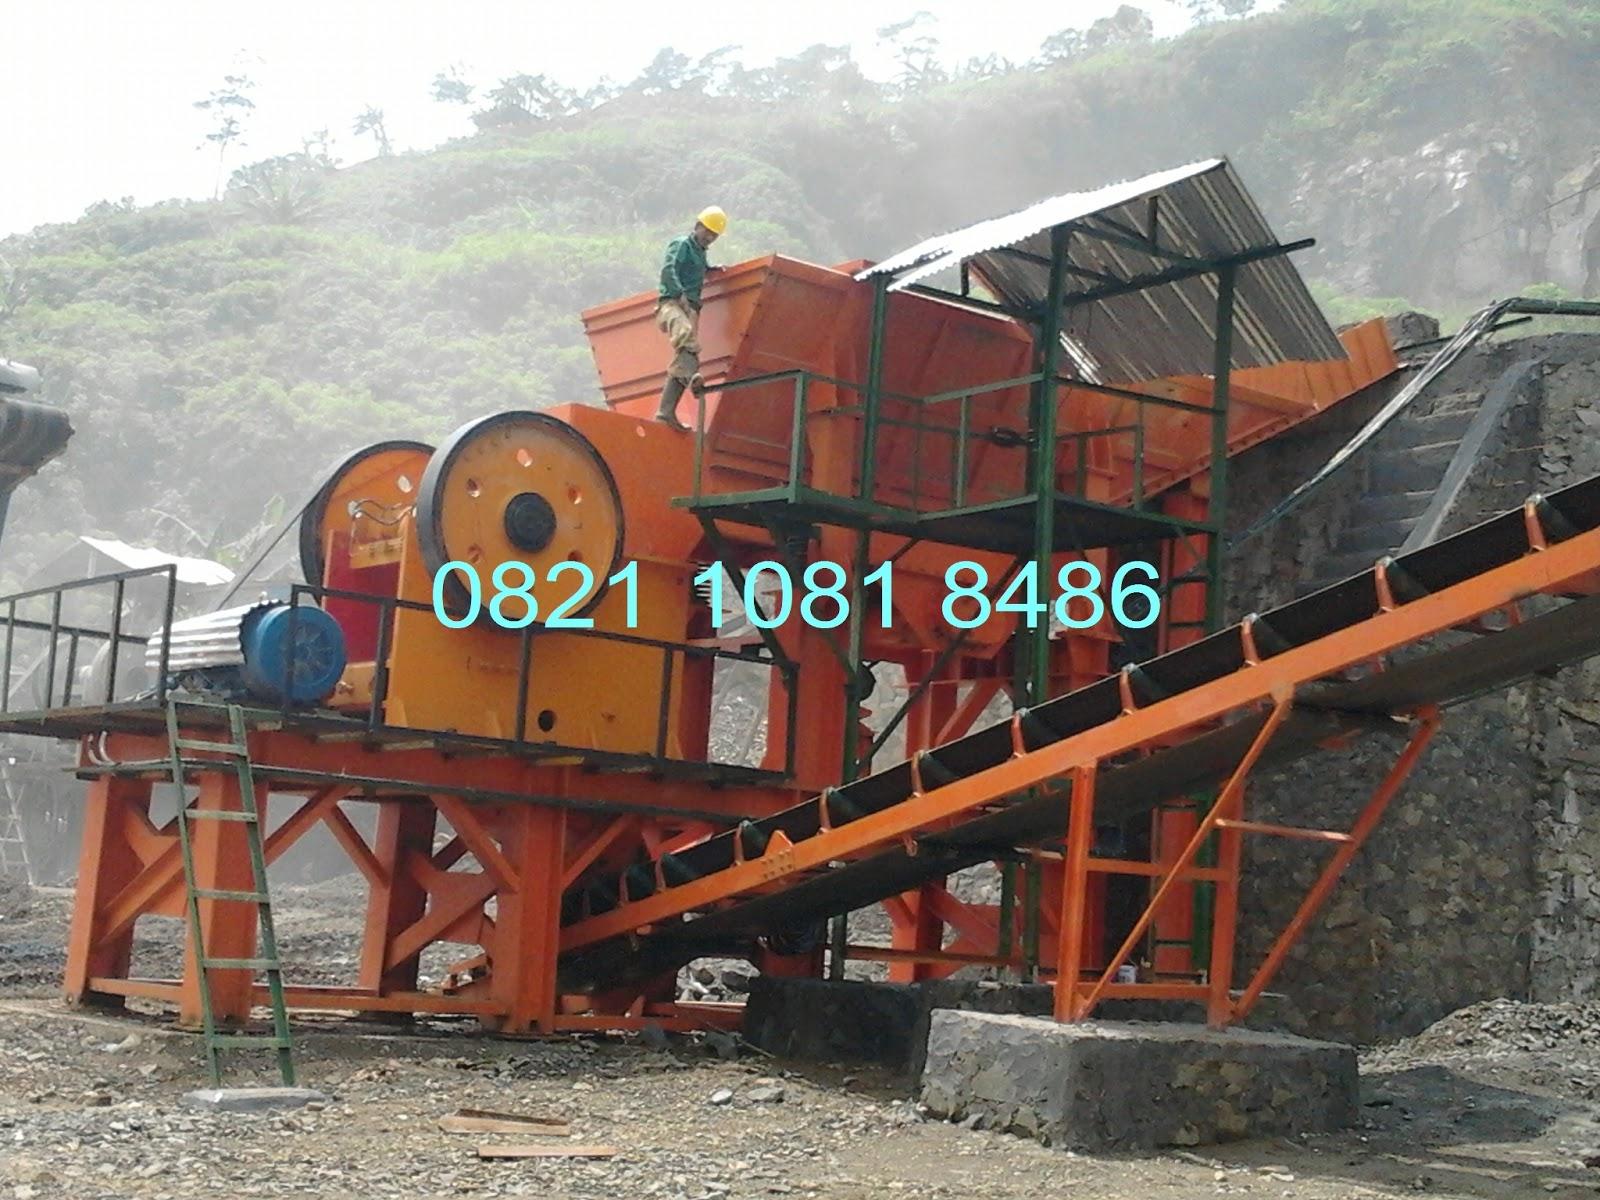 Jual Jaw Crusher Stone Mesin Pemecah Batu New Supra X 125 Fi Cast Wheel Quantum Matte Black Kab Semarang Features